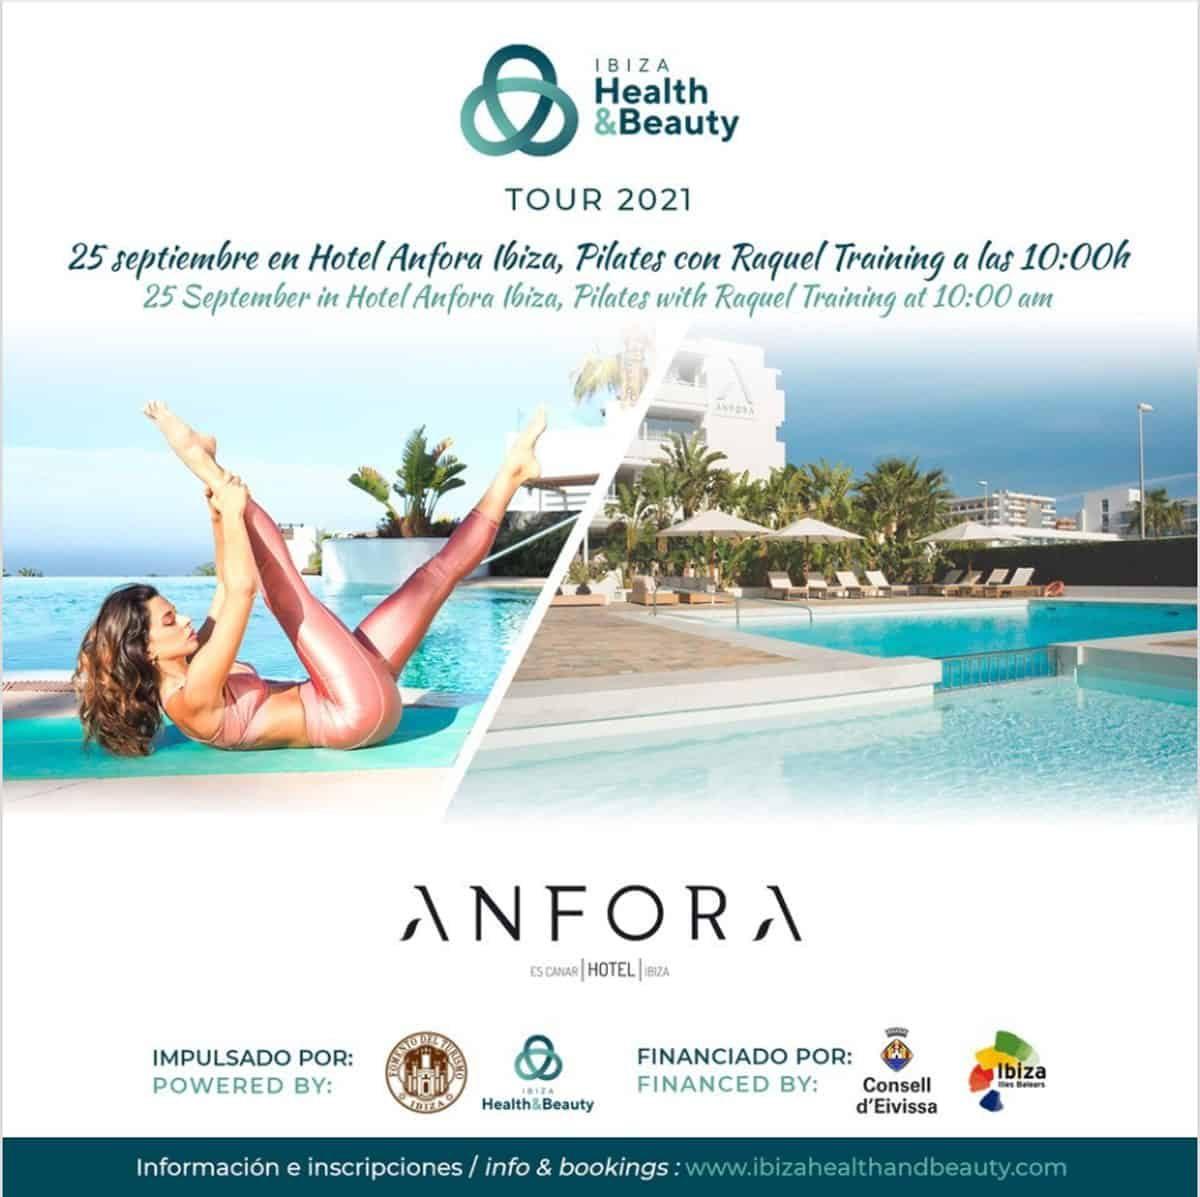 pilates-anfora-ibiza-gezondheid-en-beauty-2021-welcometoibiza